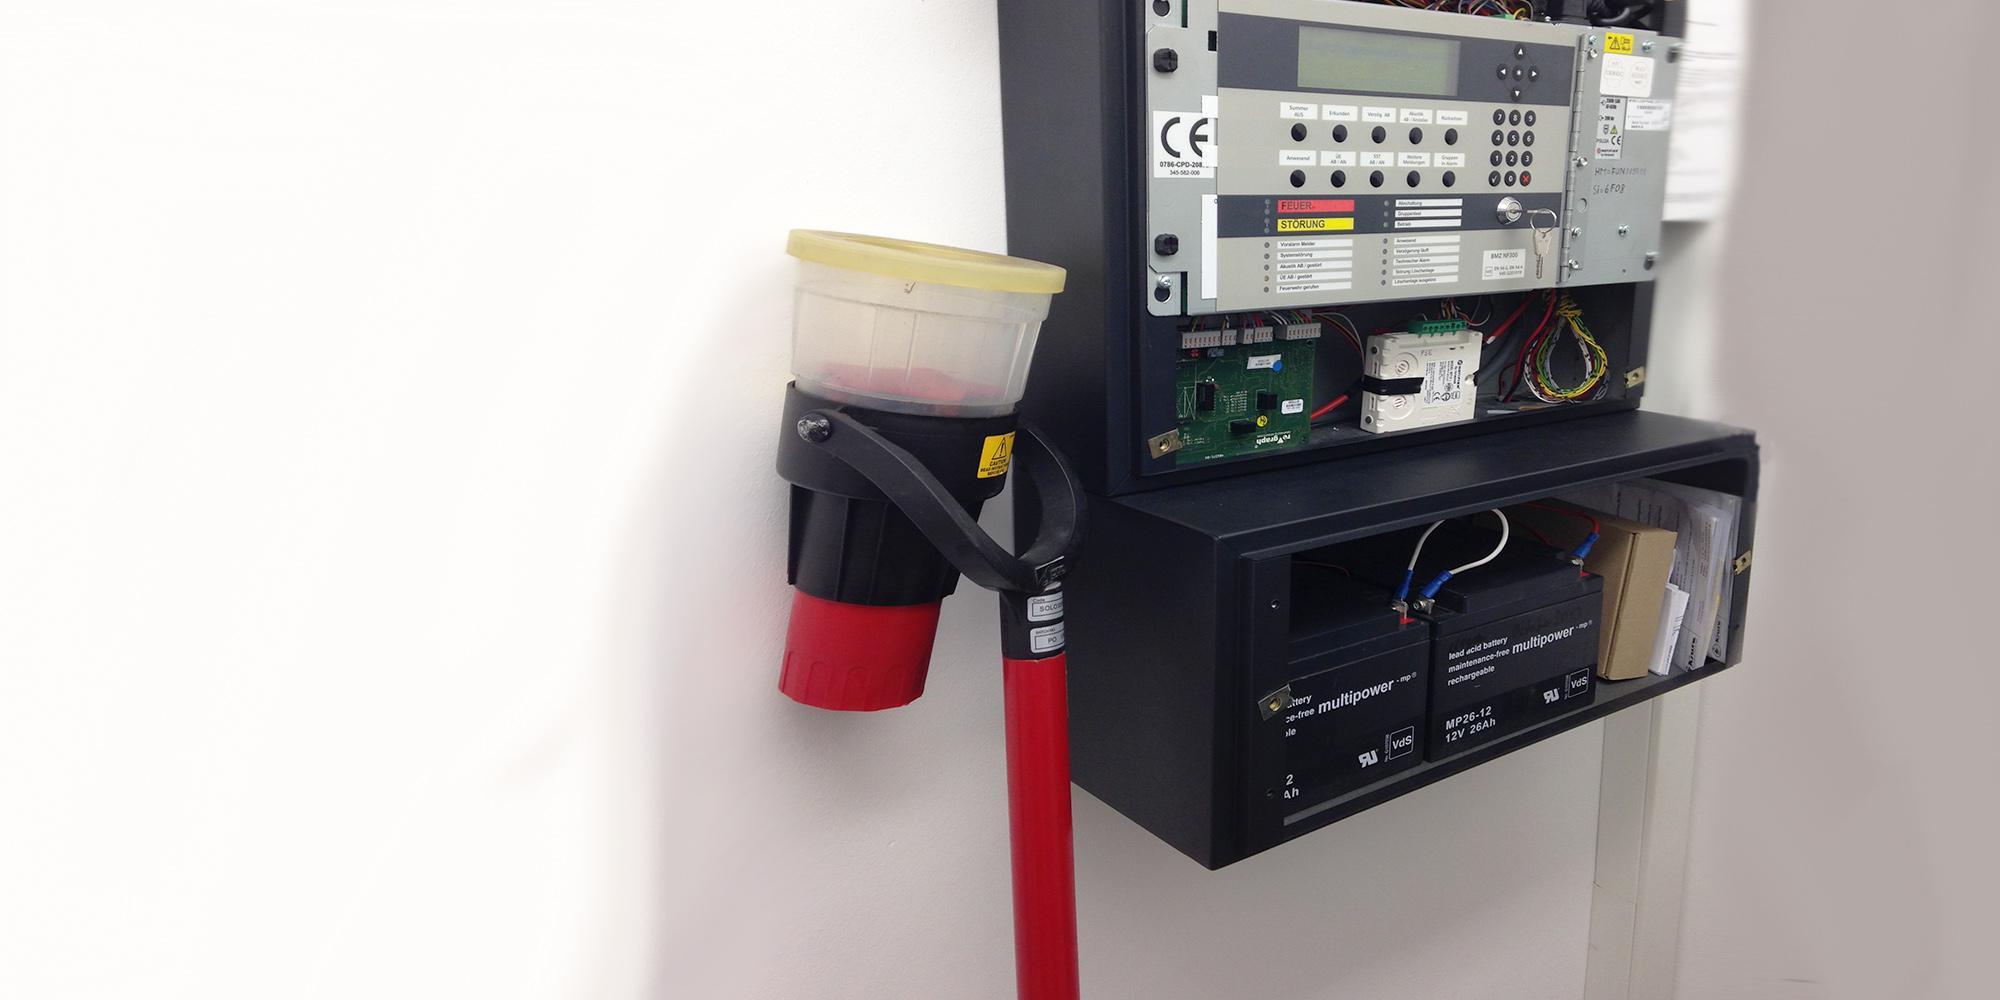 Neues zu Brandmeldeanlagen und Alarmierungsan